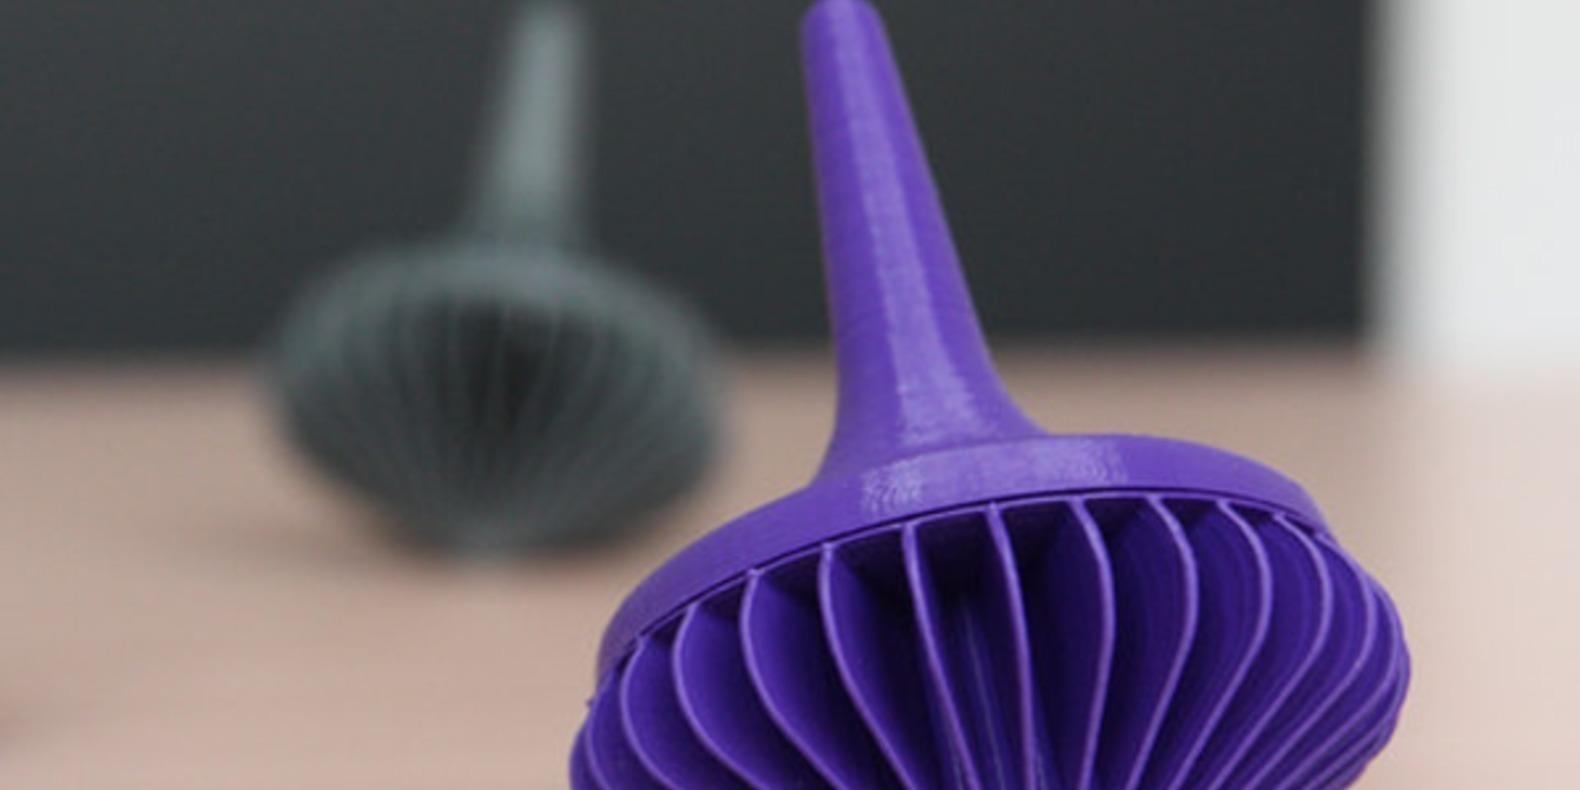 2.Toupie-be3D jouets imprimés en 3D